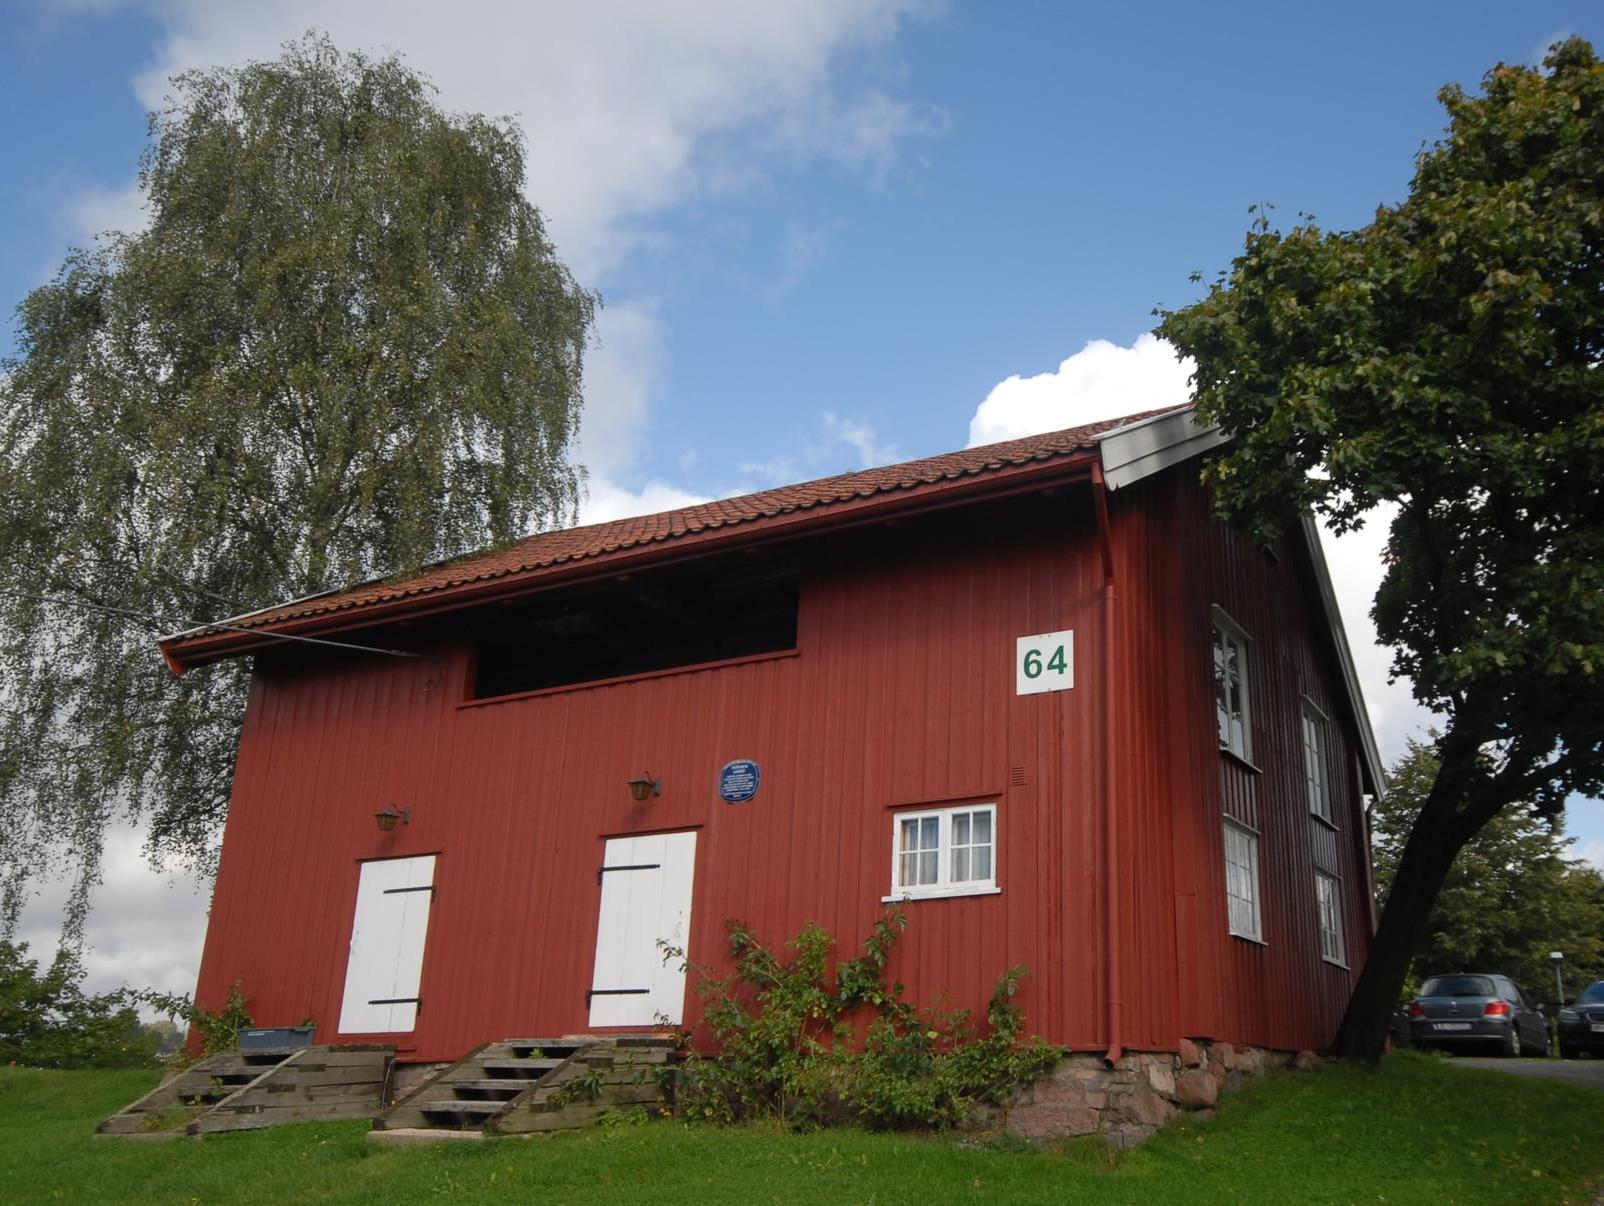 Tonsen gård